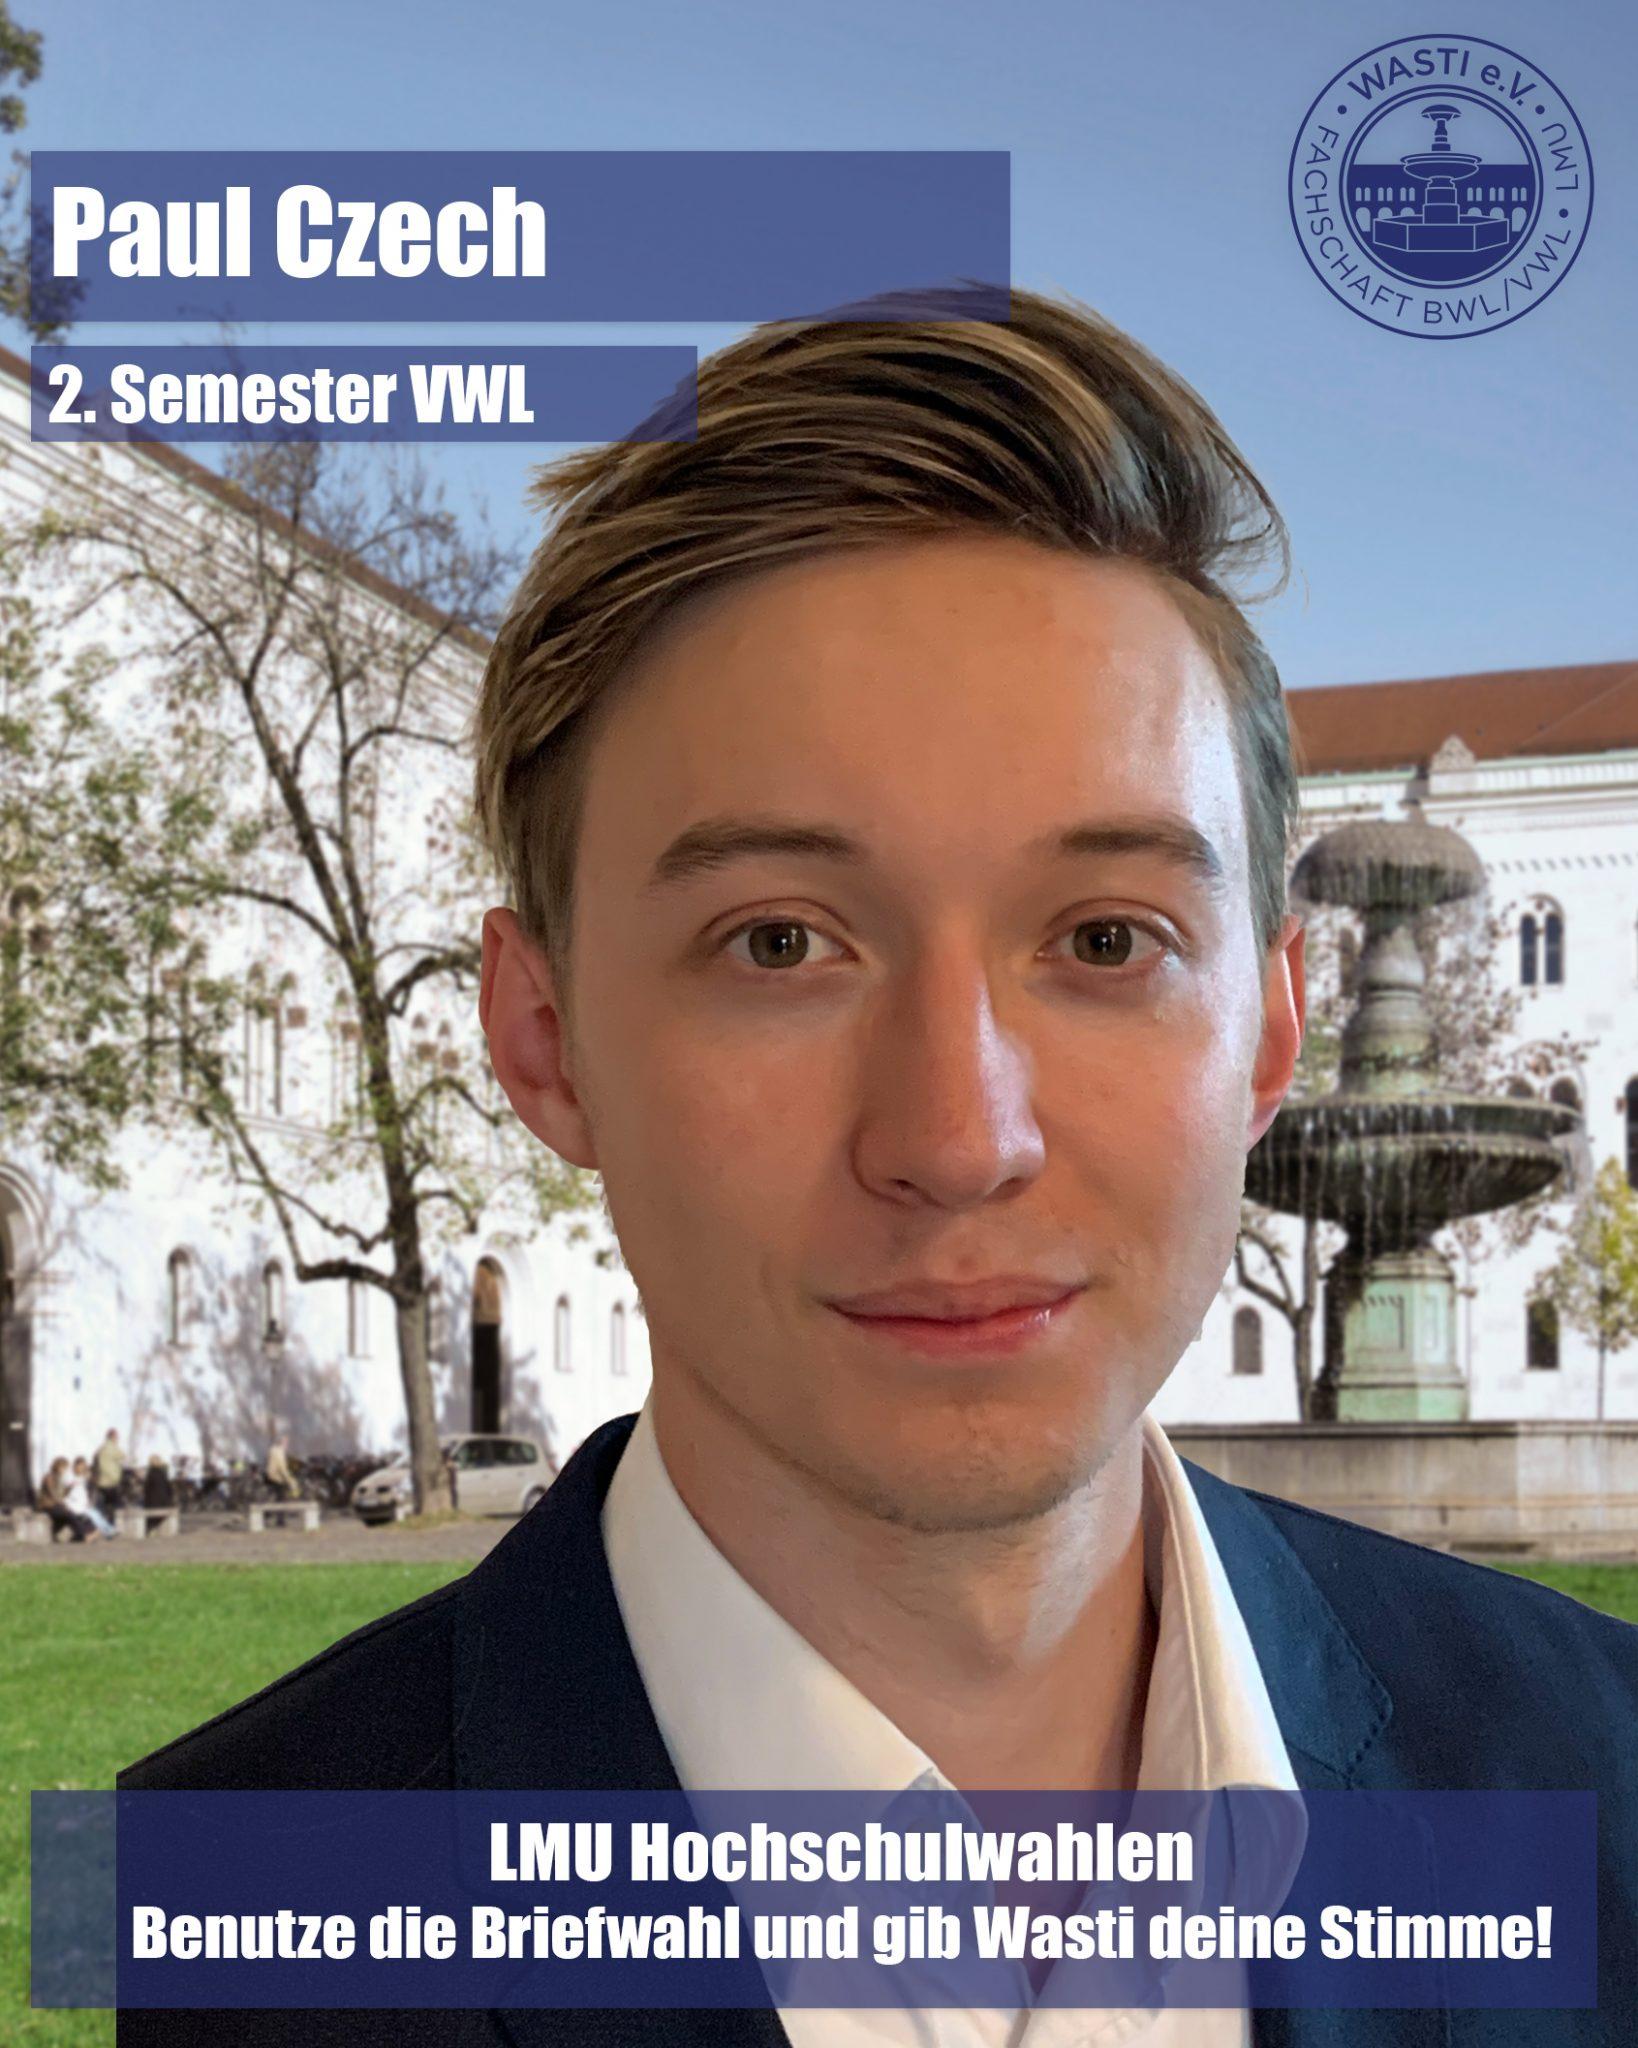 Hochschulwahlen 3